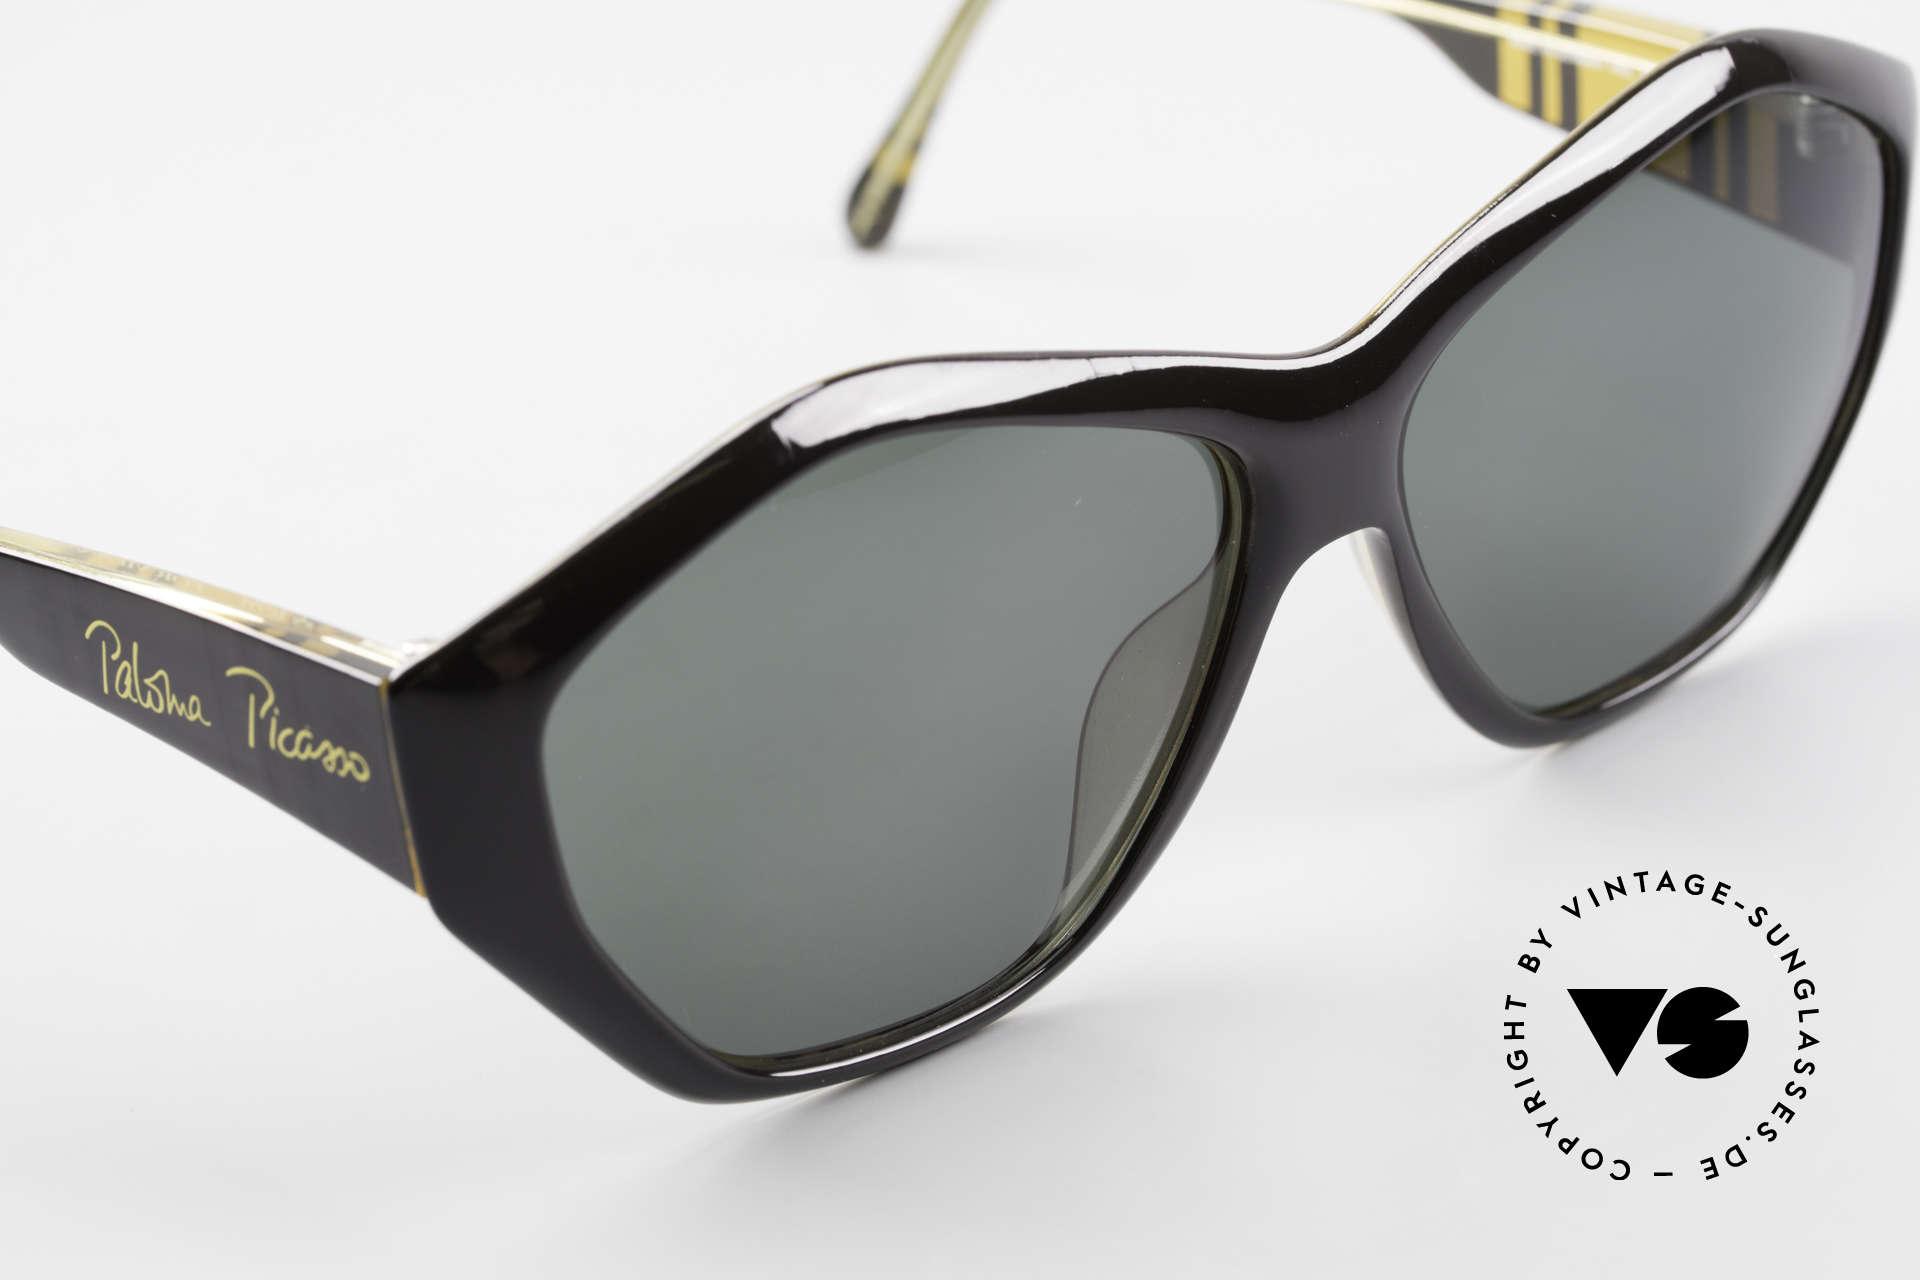 Paloma Picasso 1463 90er Damen Sonnenbrille Optyl, das Etui kann auch als Geldbörse benutzt werden, Passend für Damen